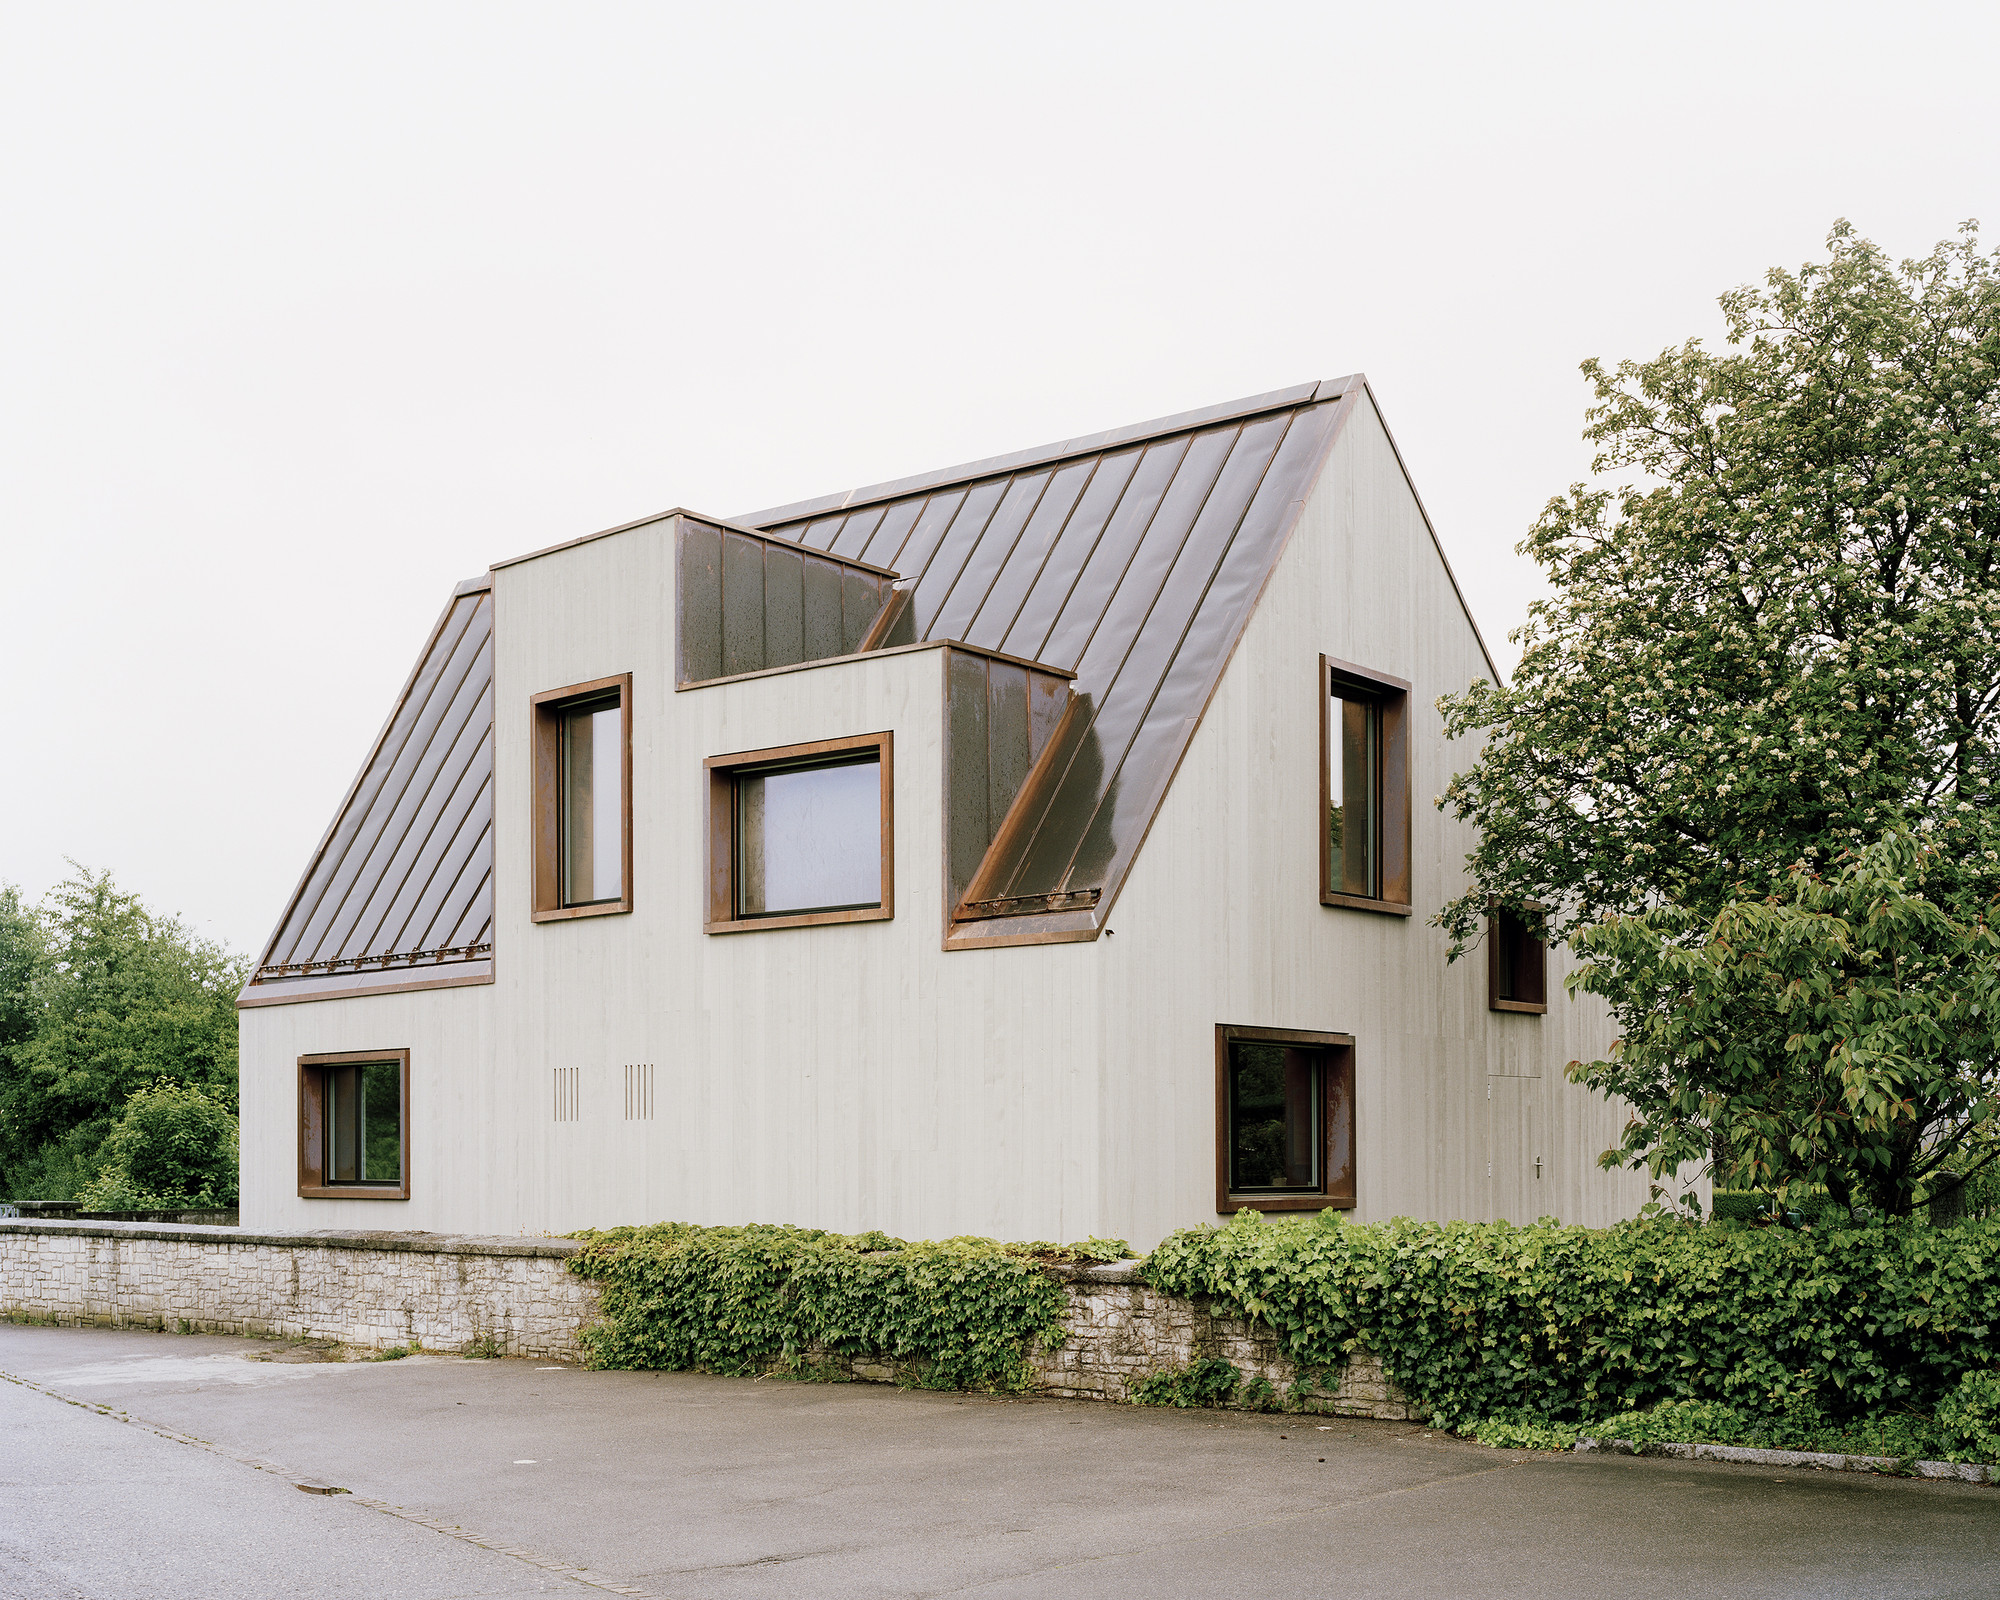 Community Centre for Evangelical Reformed Church in Würenlos / Menzi Bürgler Architekten, © Rasmus Norlander